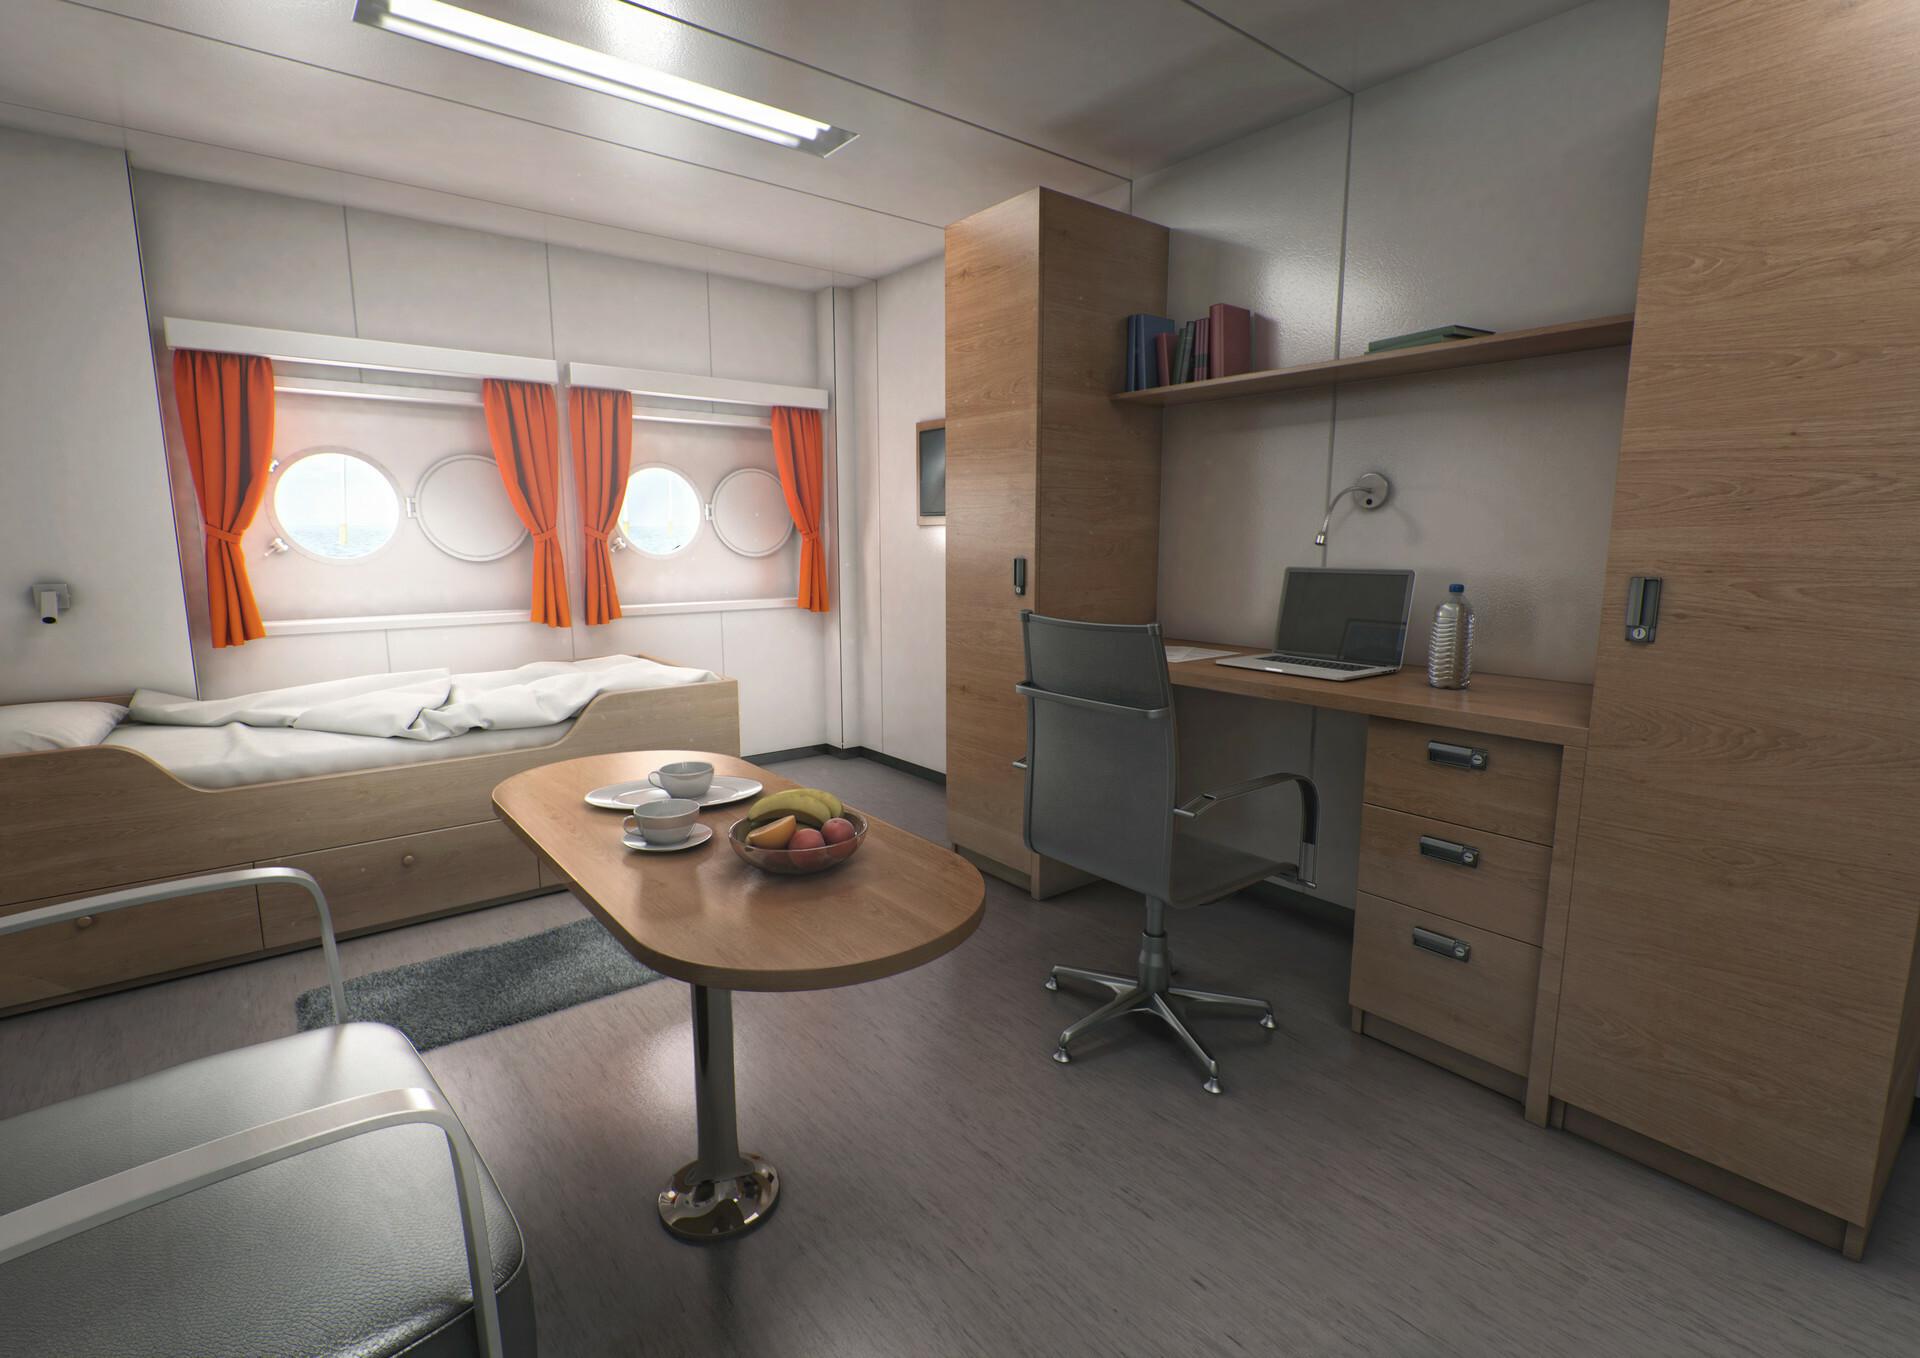 Di studios di studios cabin 2